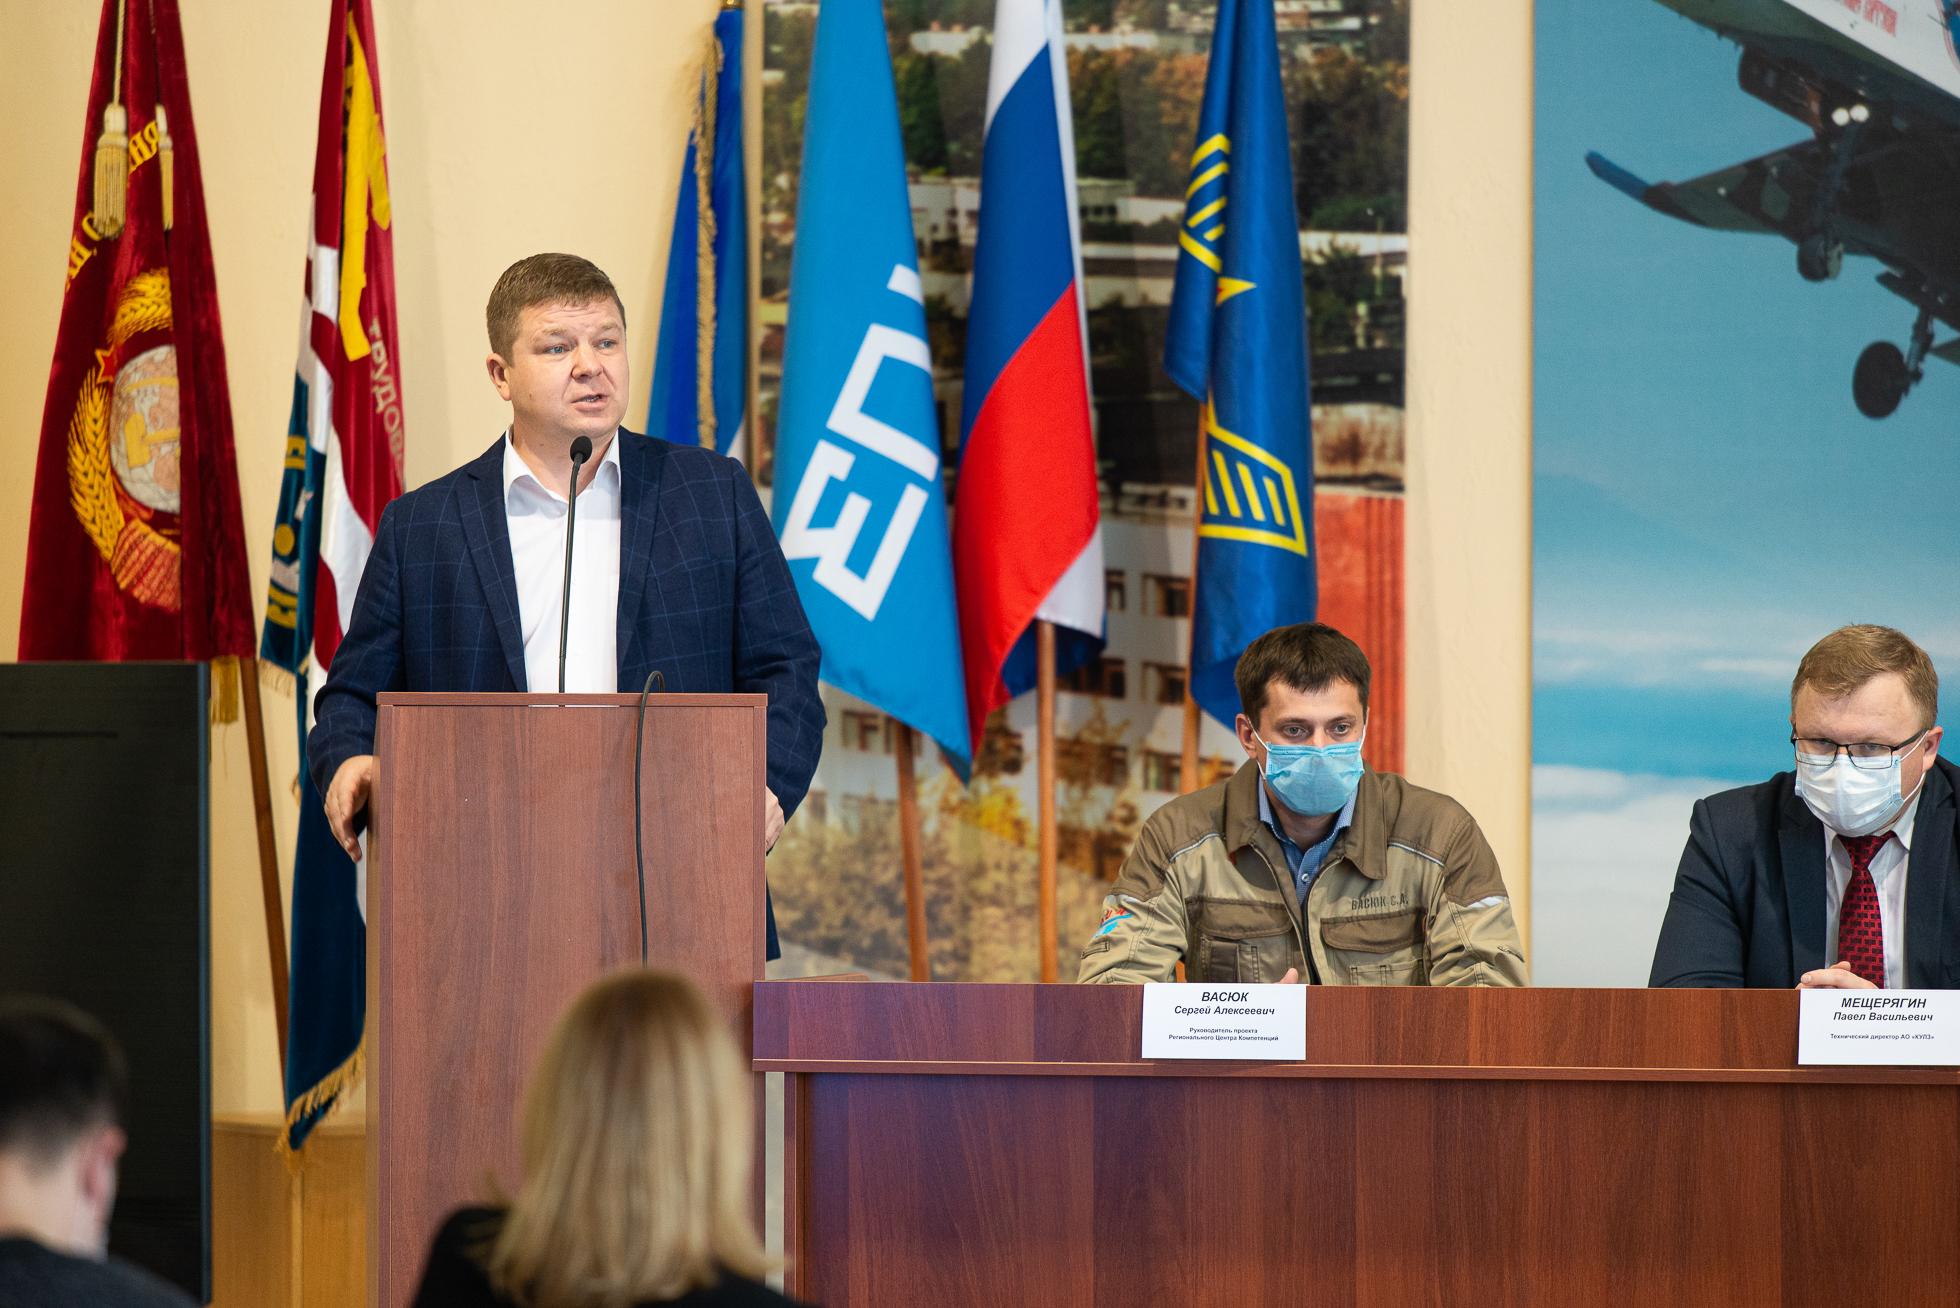 Заместитель министра промышленности и науки Свердловской области Игорь Зеленкин